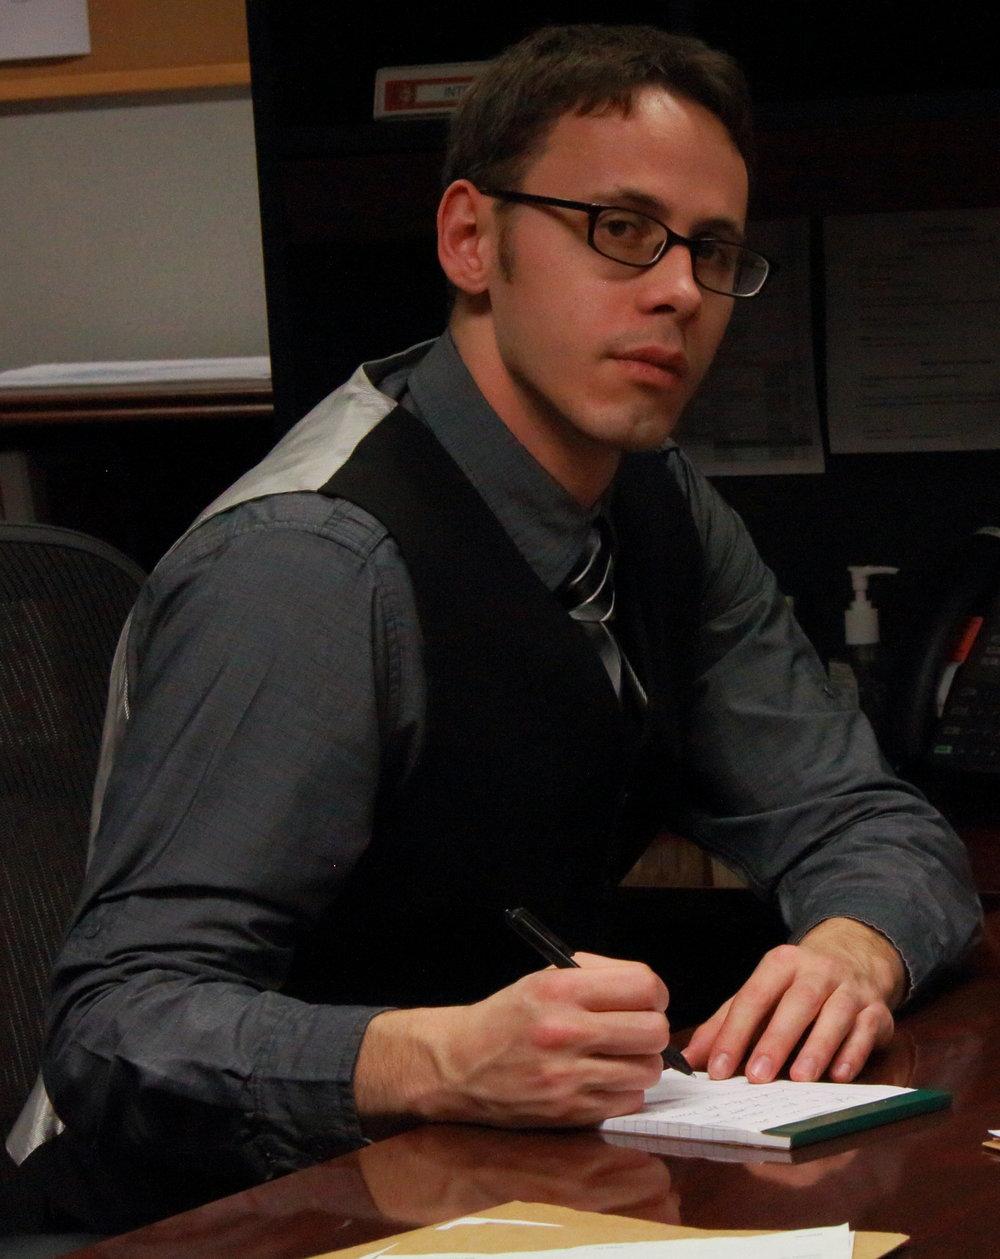 Samuel Ronan.JPG